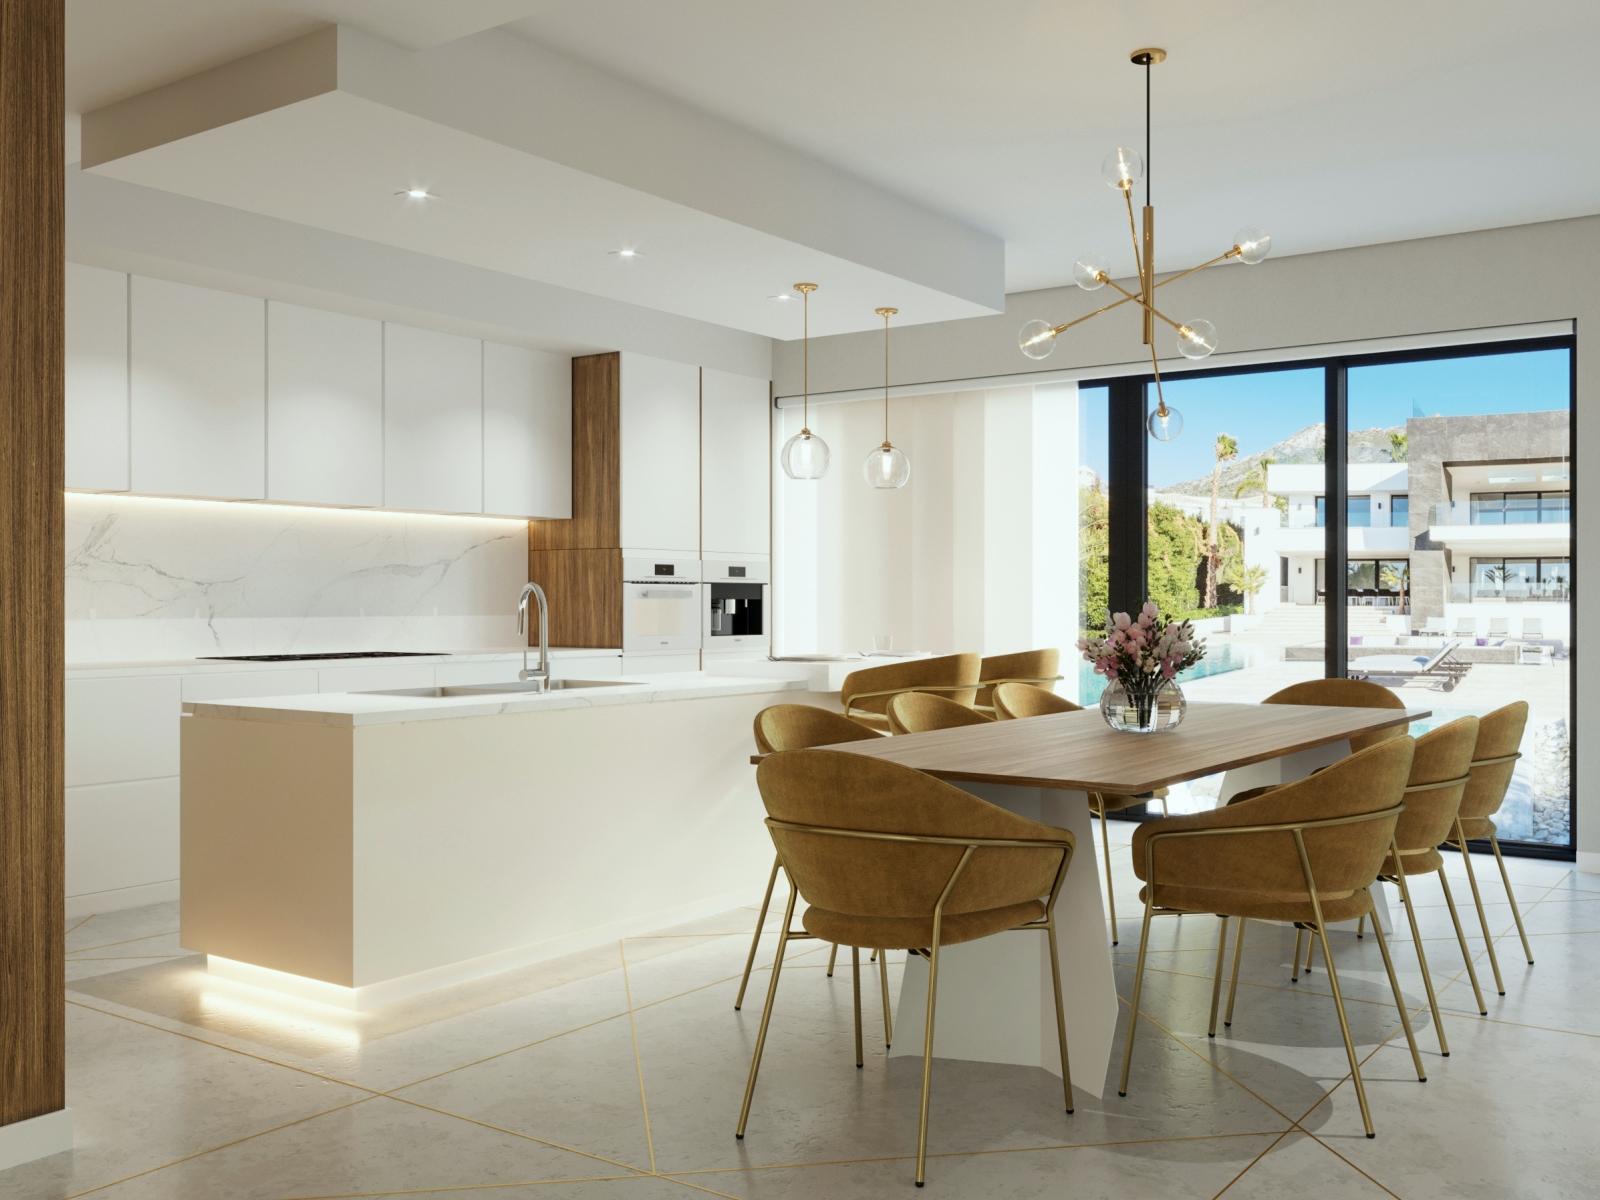 Luxury Kitchen in Marble